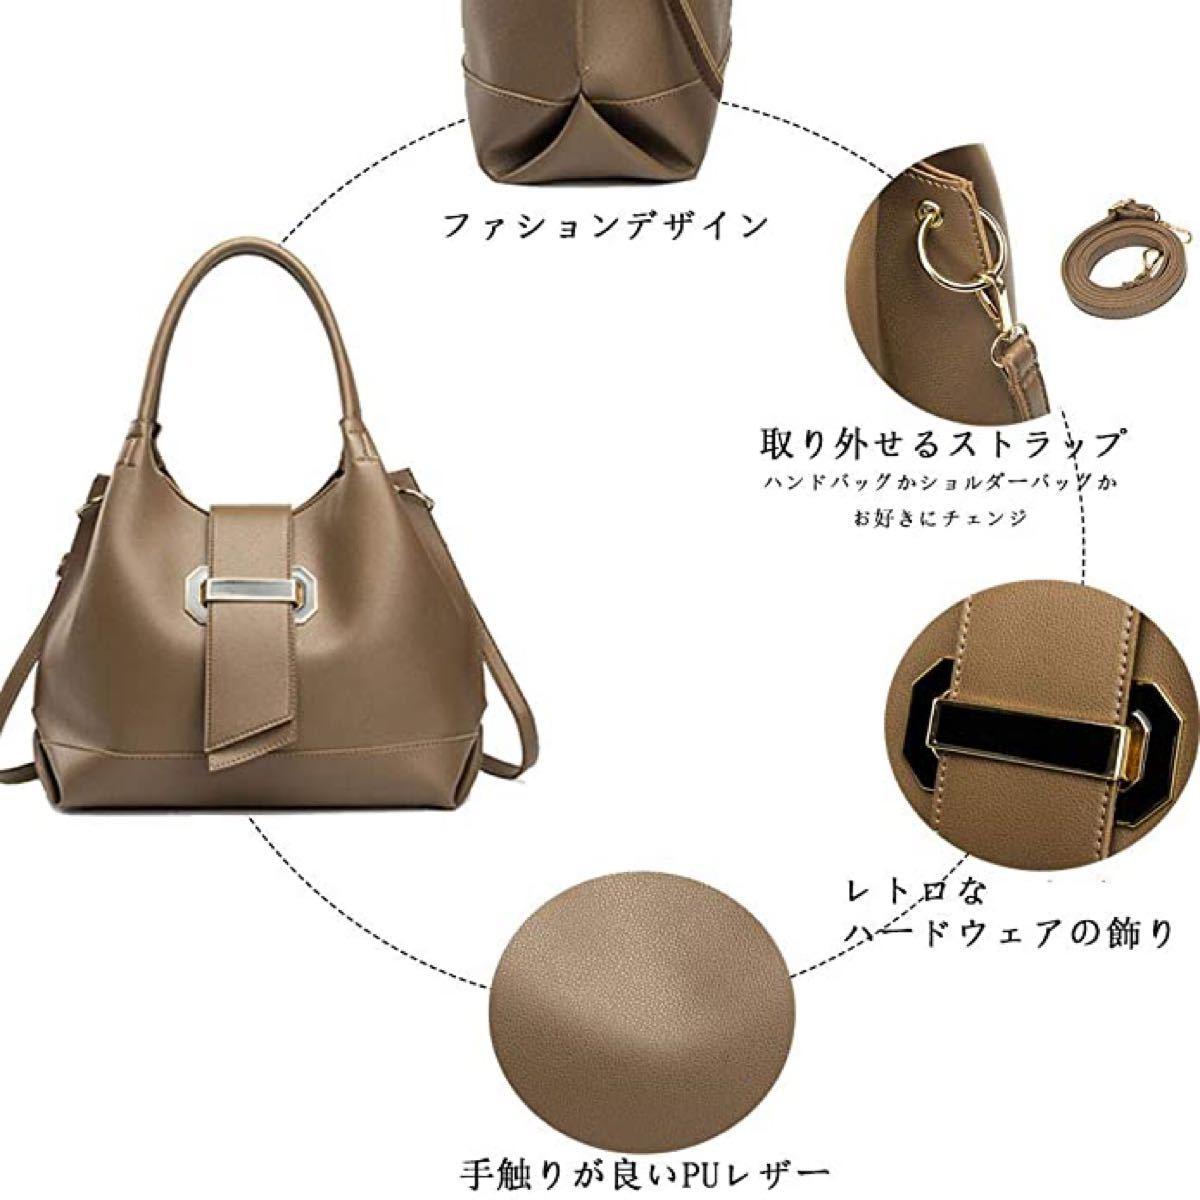 【ハンドバッグ】レディース トートバッグ 大容量 A4収納 ショルダーバッグ 鞄 PUレザー 高品質 2way